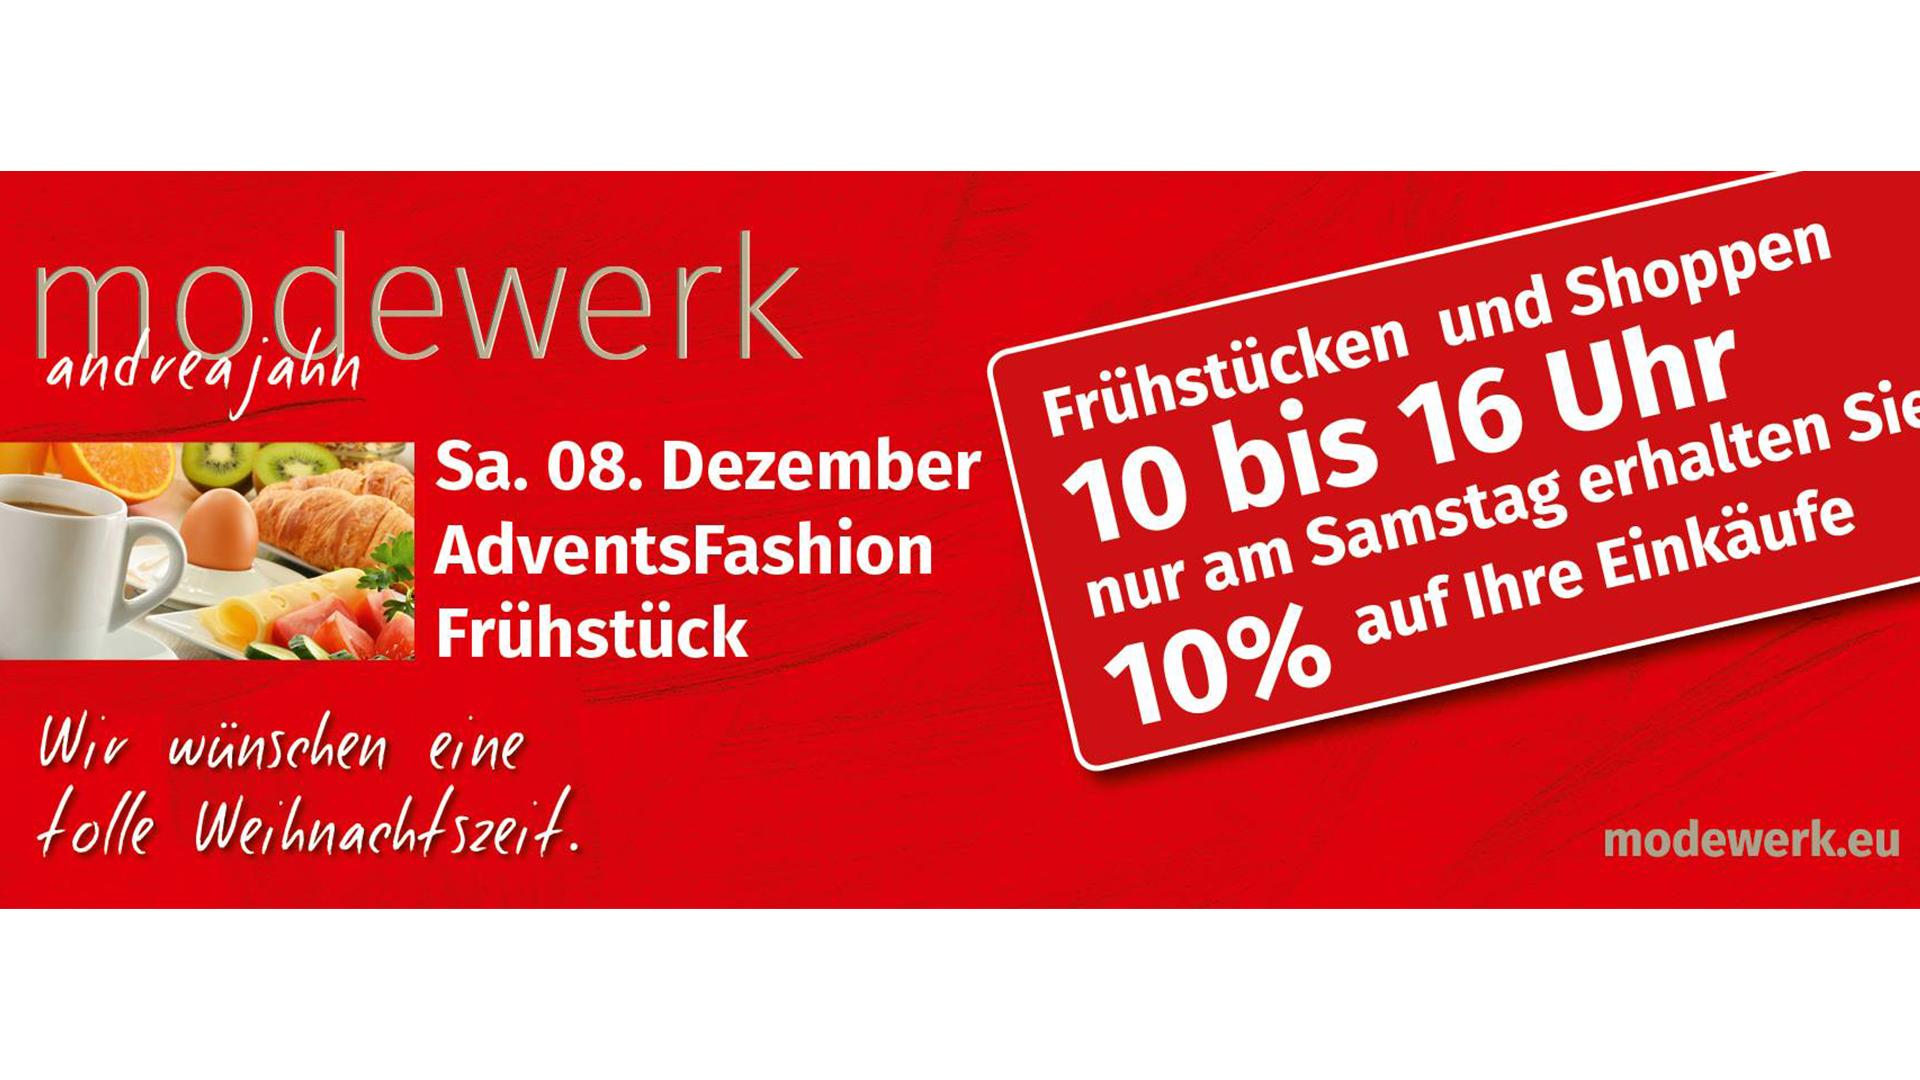 Modewerk | Andrea Jahn - AdventsFashion Frühstück